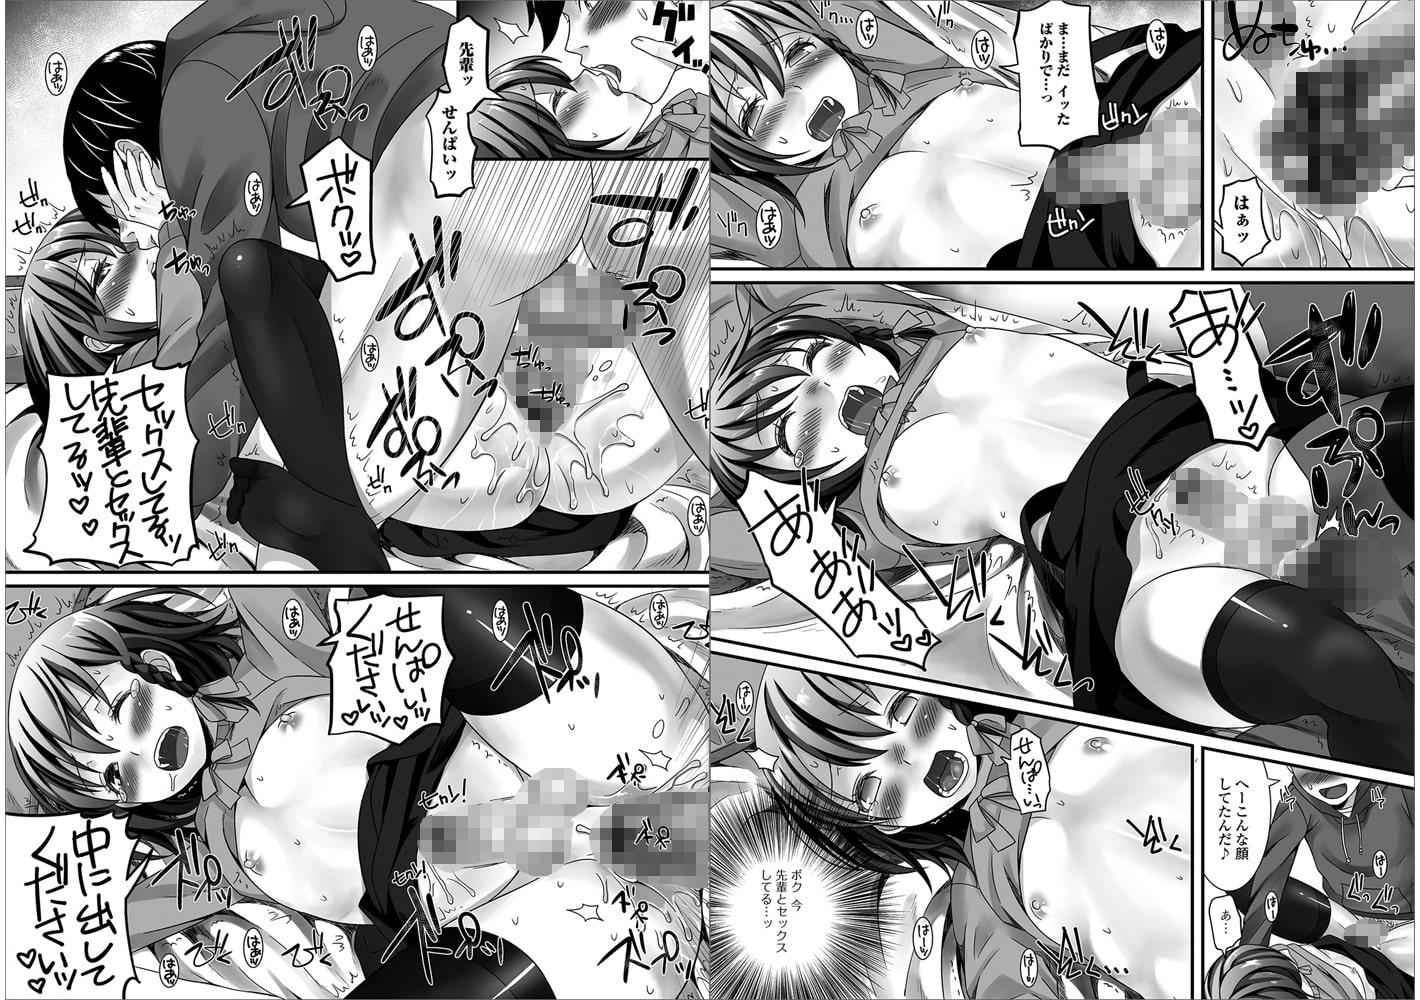 月刊Web男の娘・れくしょんッ! S Vol.12